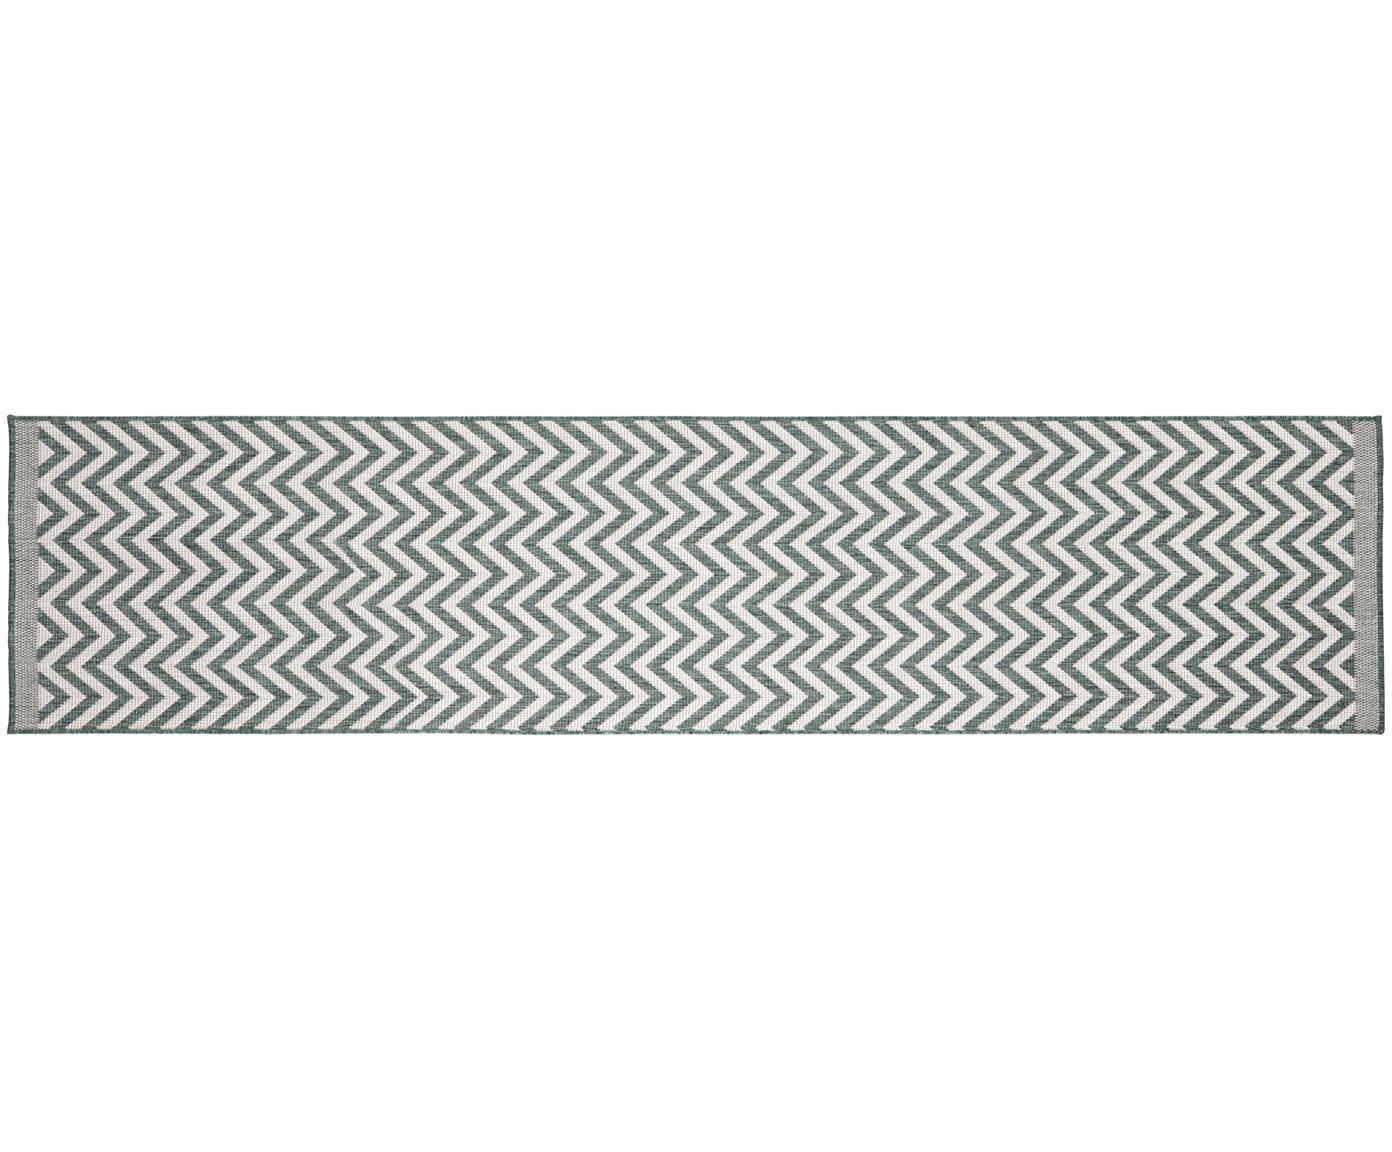 In- & Outdoor-Läufer Palma mit Zickzack-Muster, beidseitig verwendbar, Grün, Creme, 80 x 350 cm